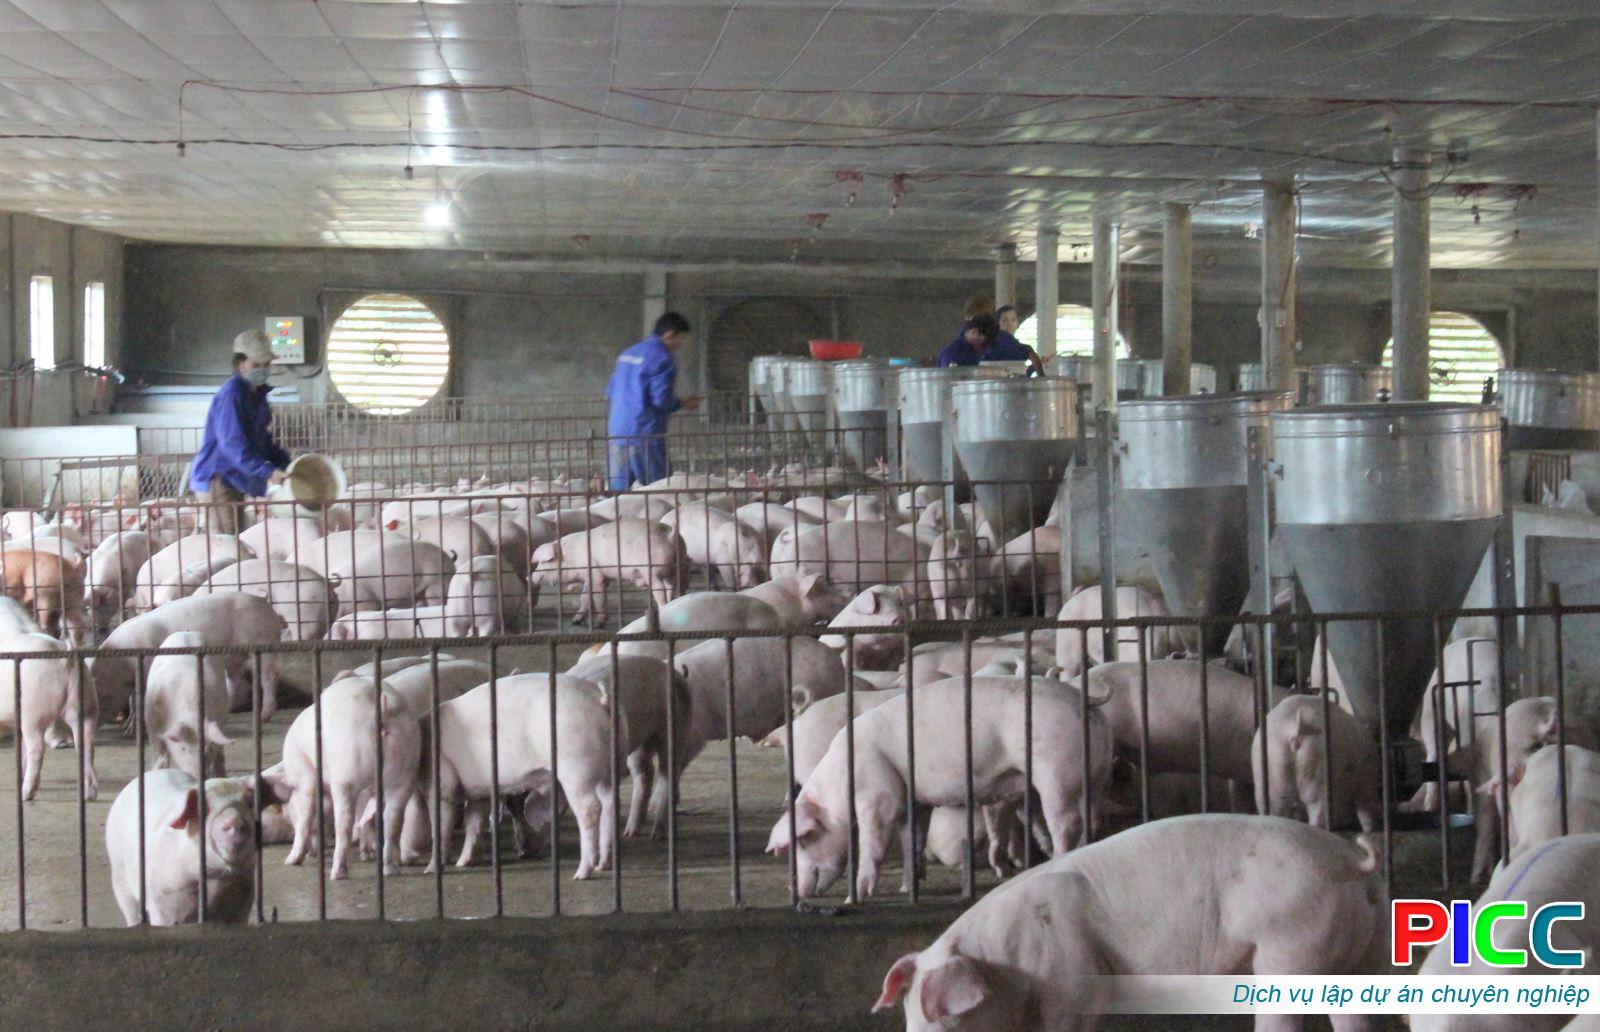 Dự án Trang trại Tổ hợp chăn nuôi gia súc theo hướng công nghiệp sạch